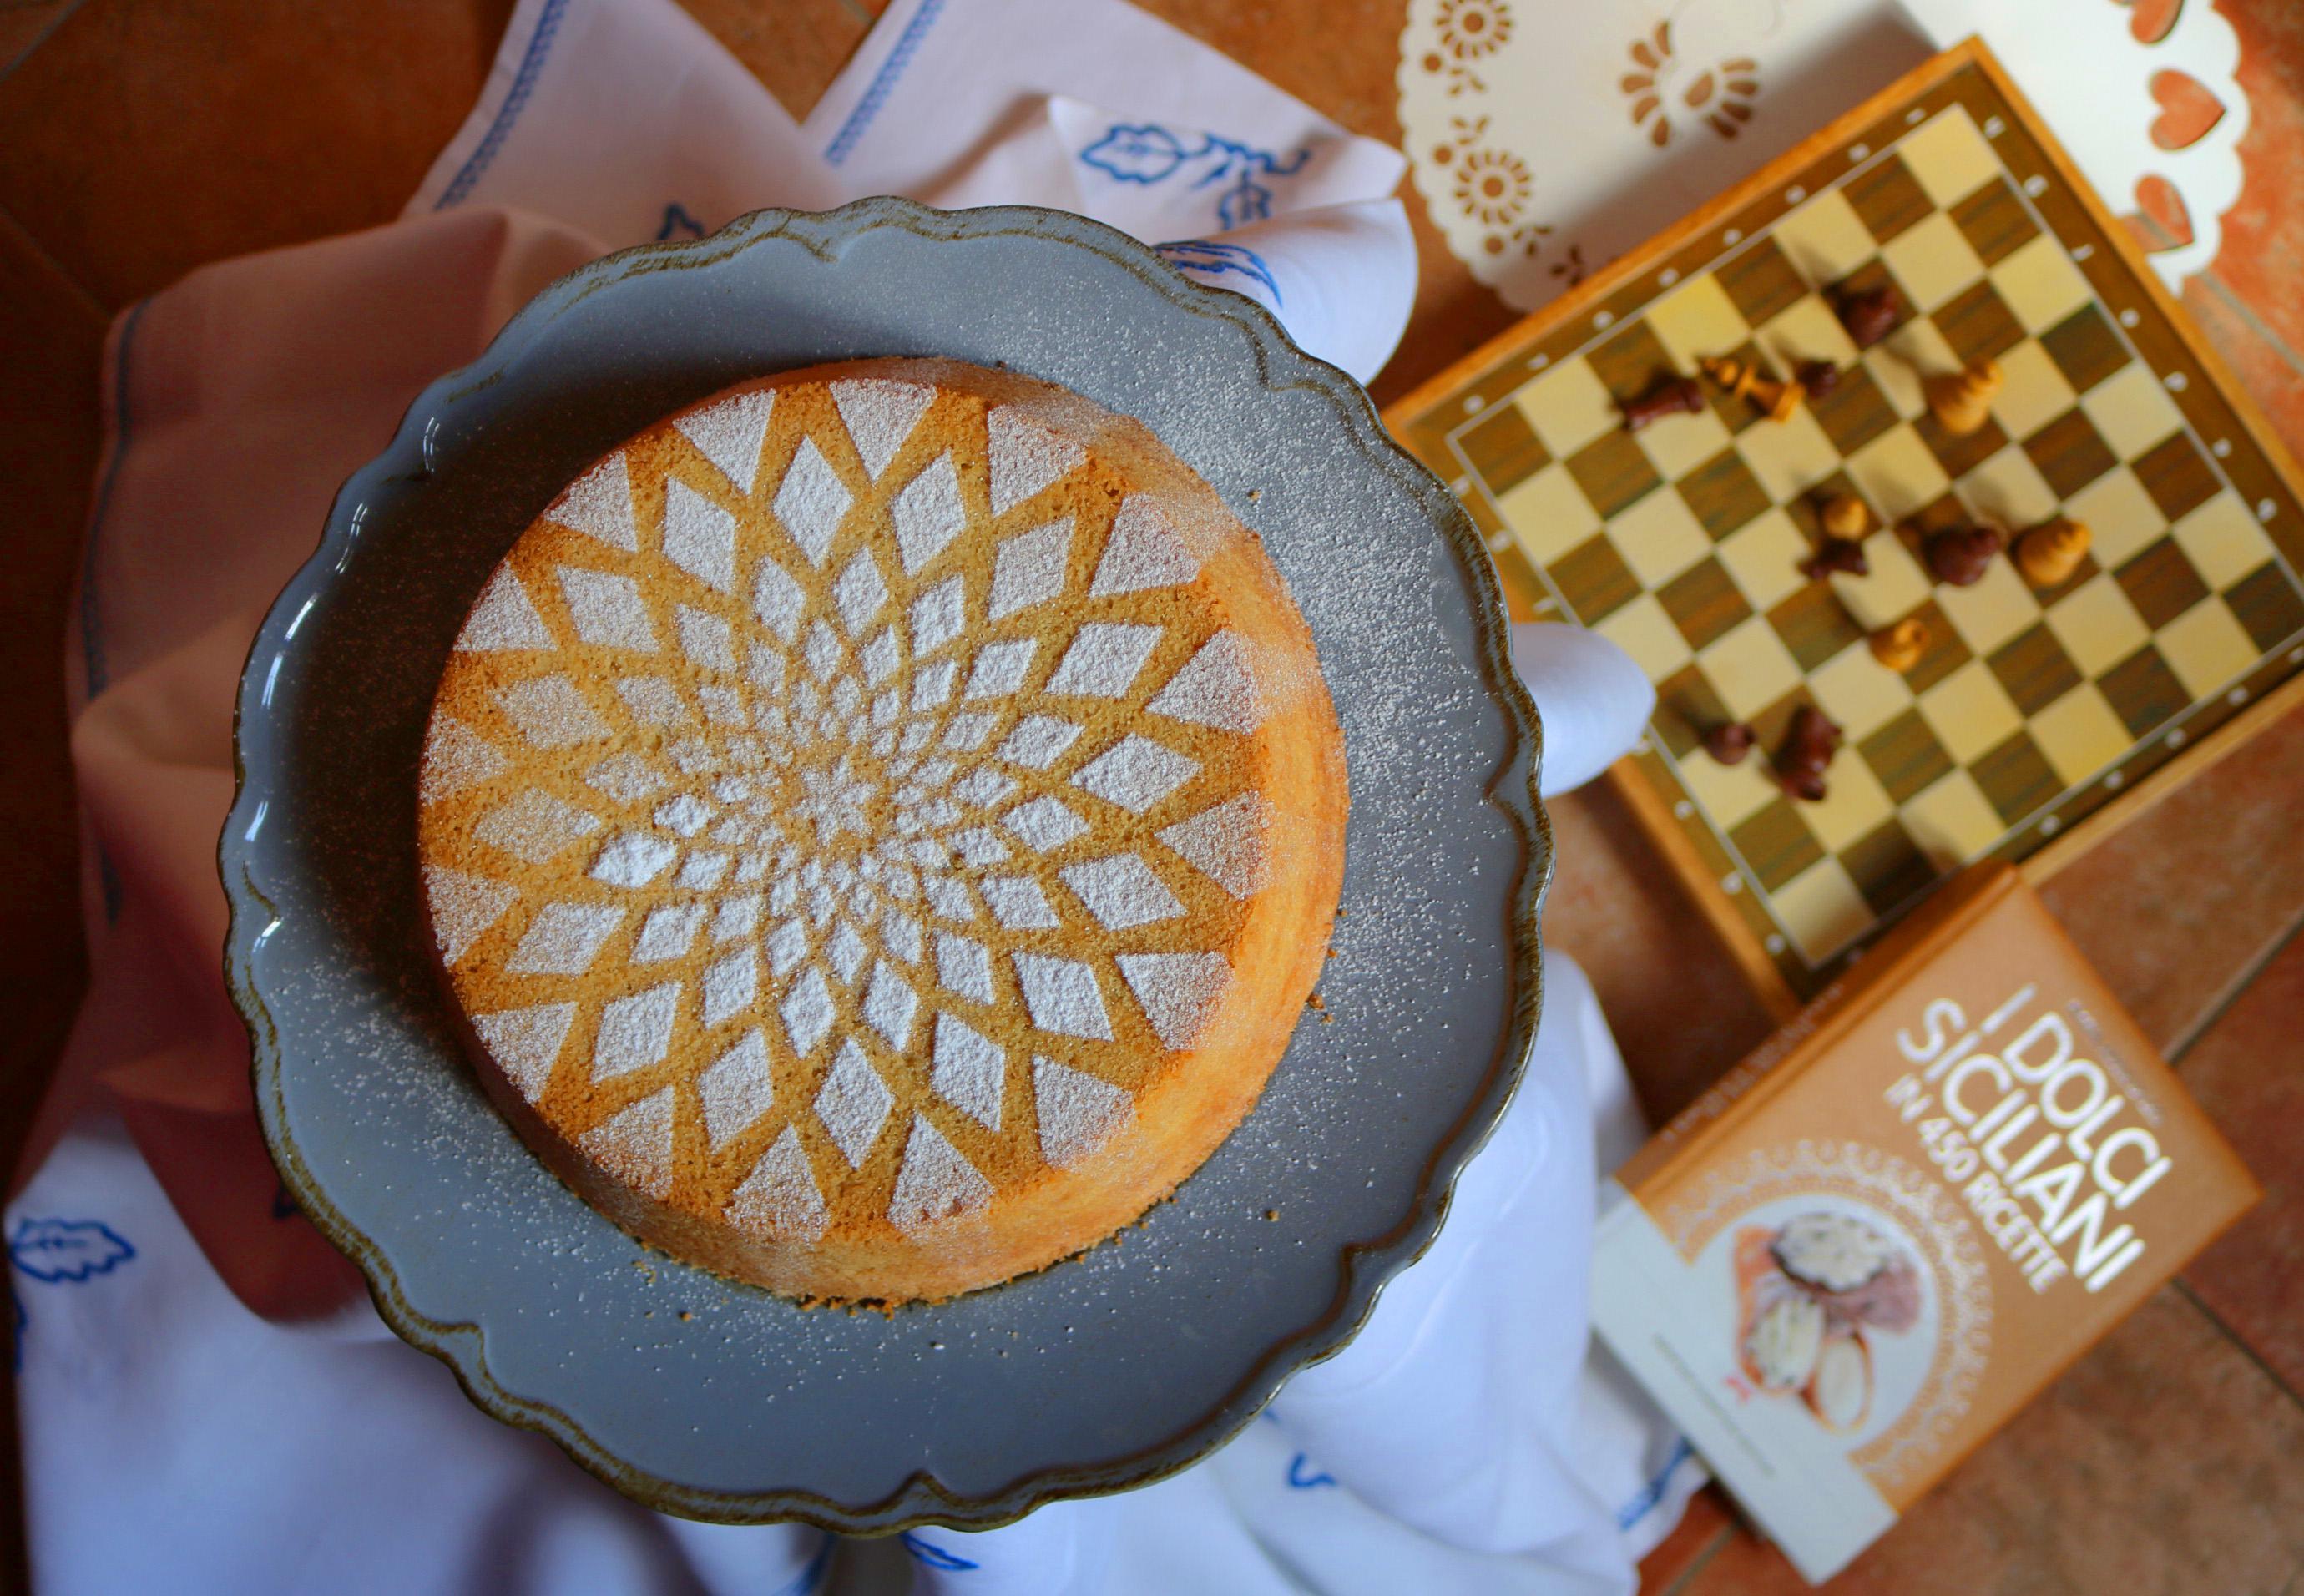 La ricetta della Cassata al forno: sulle tavole dei palermitani a Pasqua